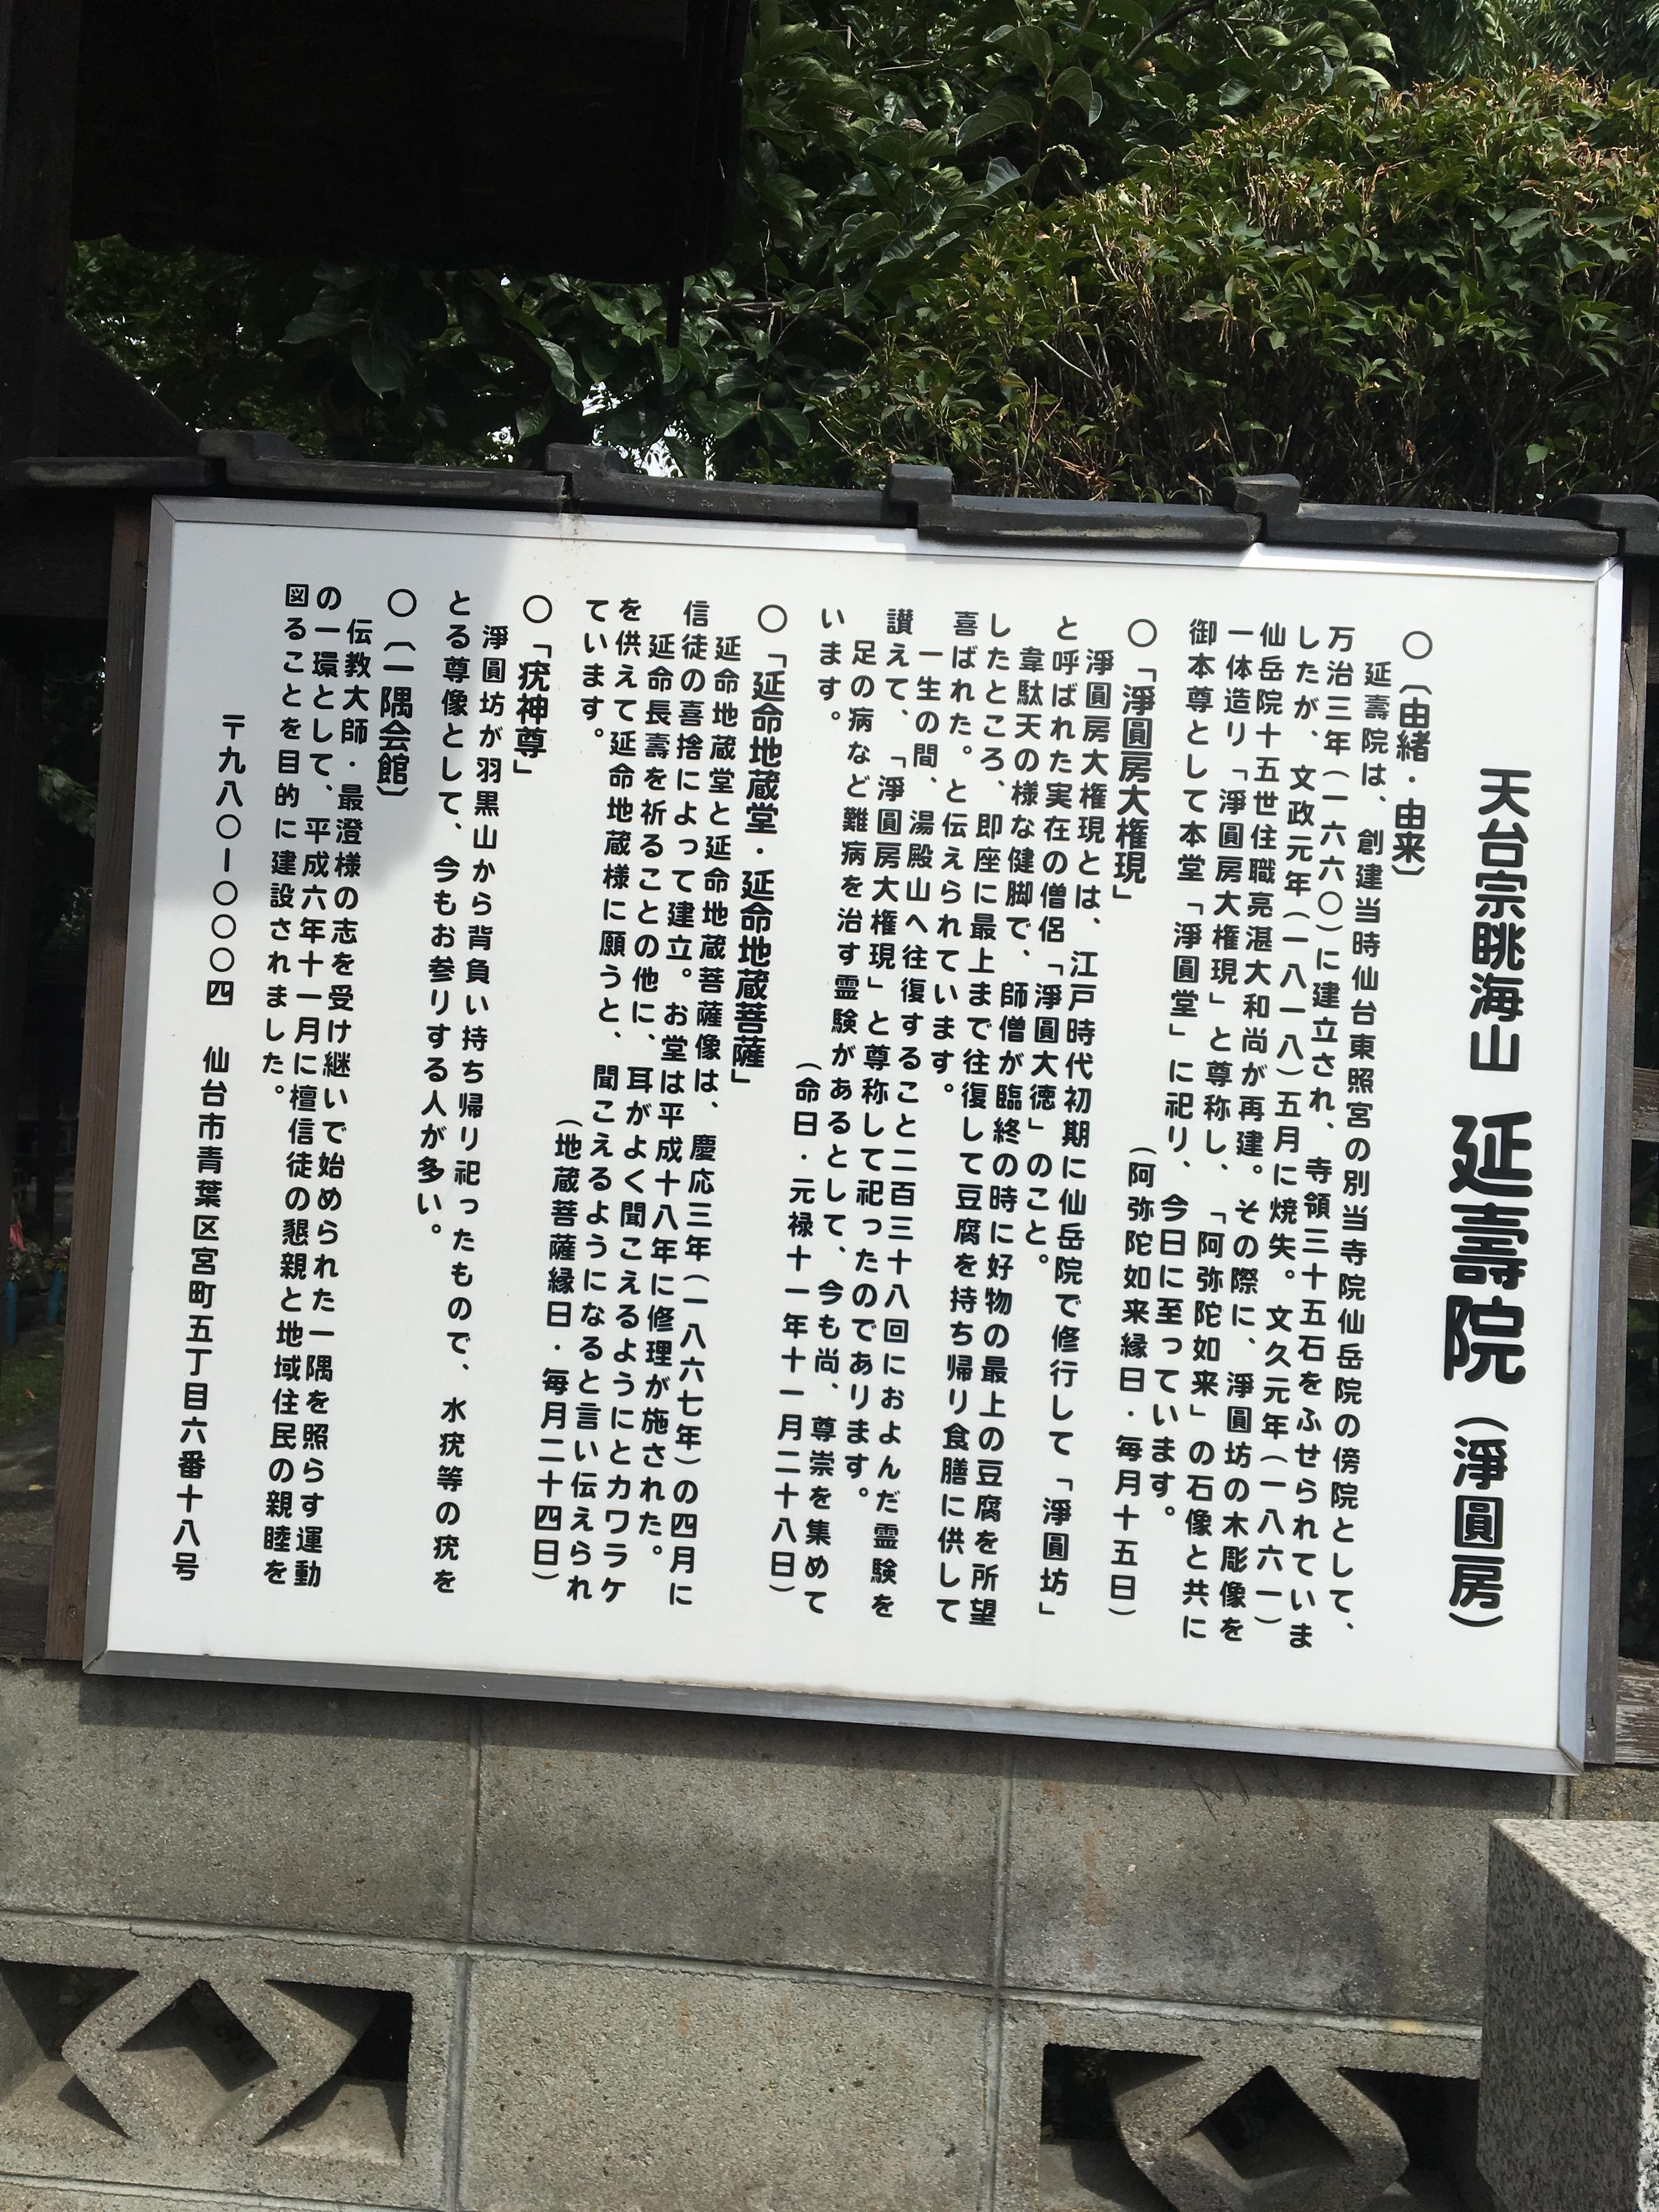 延寿院の歴史